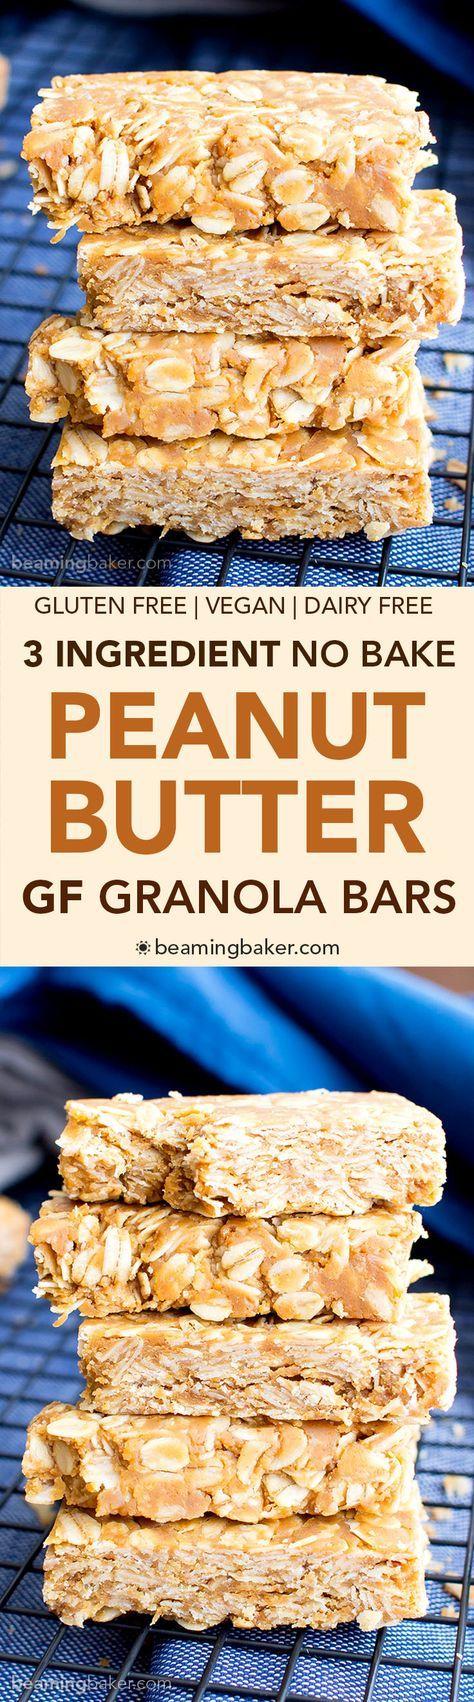 3 Ingredient Vegan No Bake Gluten Free Peanut Butter Granola Bars | Beaming Baker